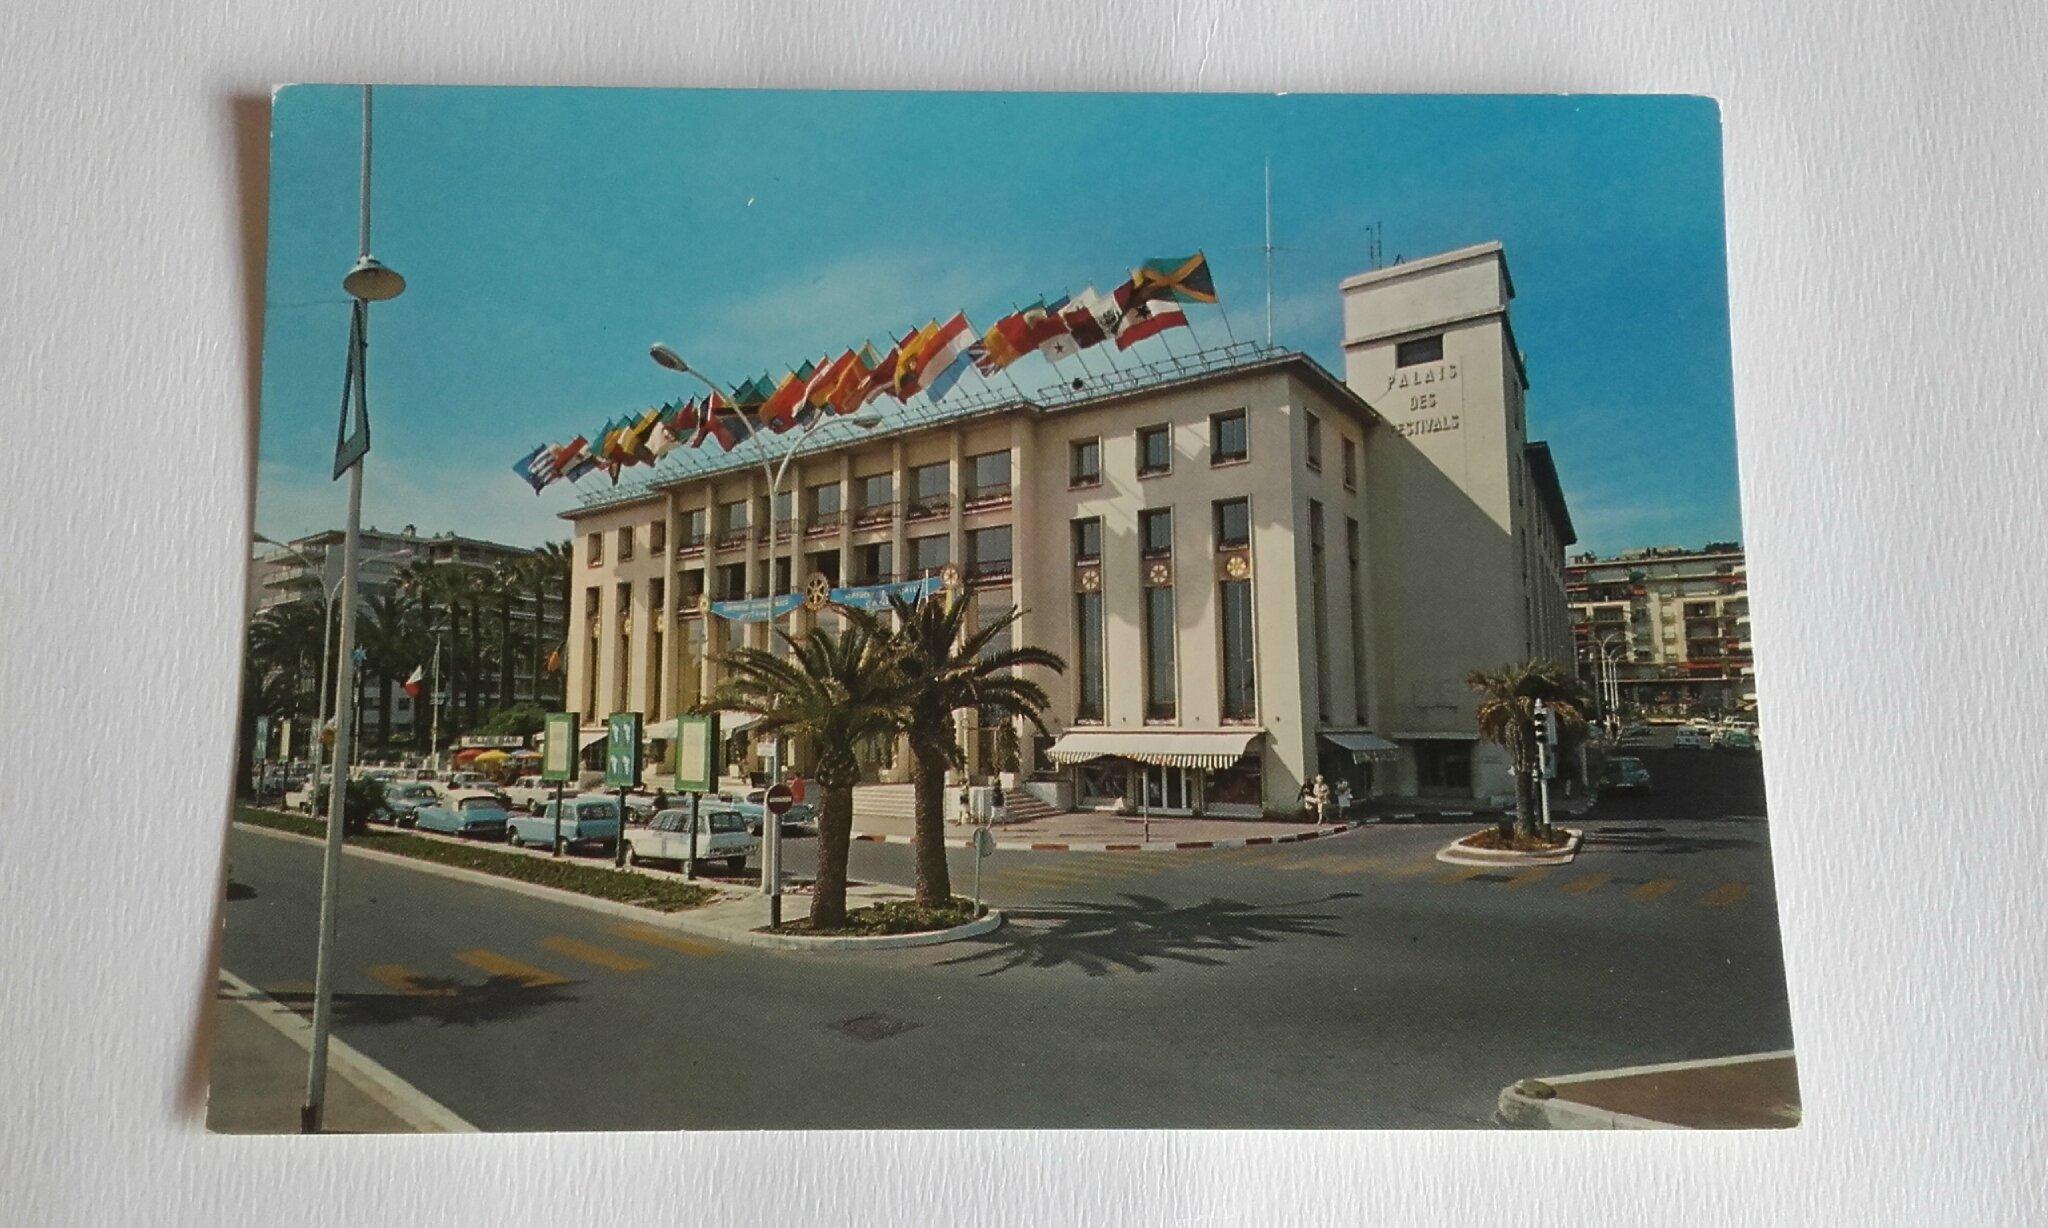 Cannes 1 Palais des festivals